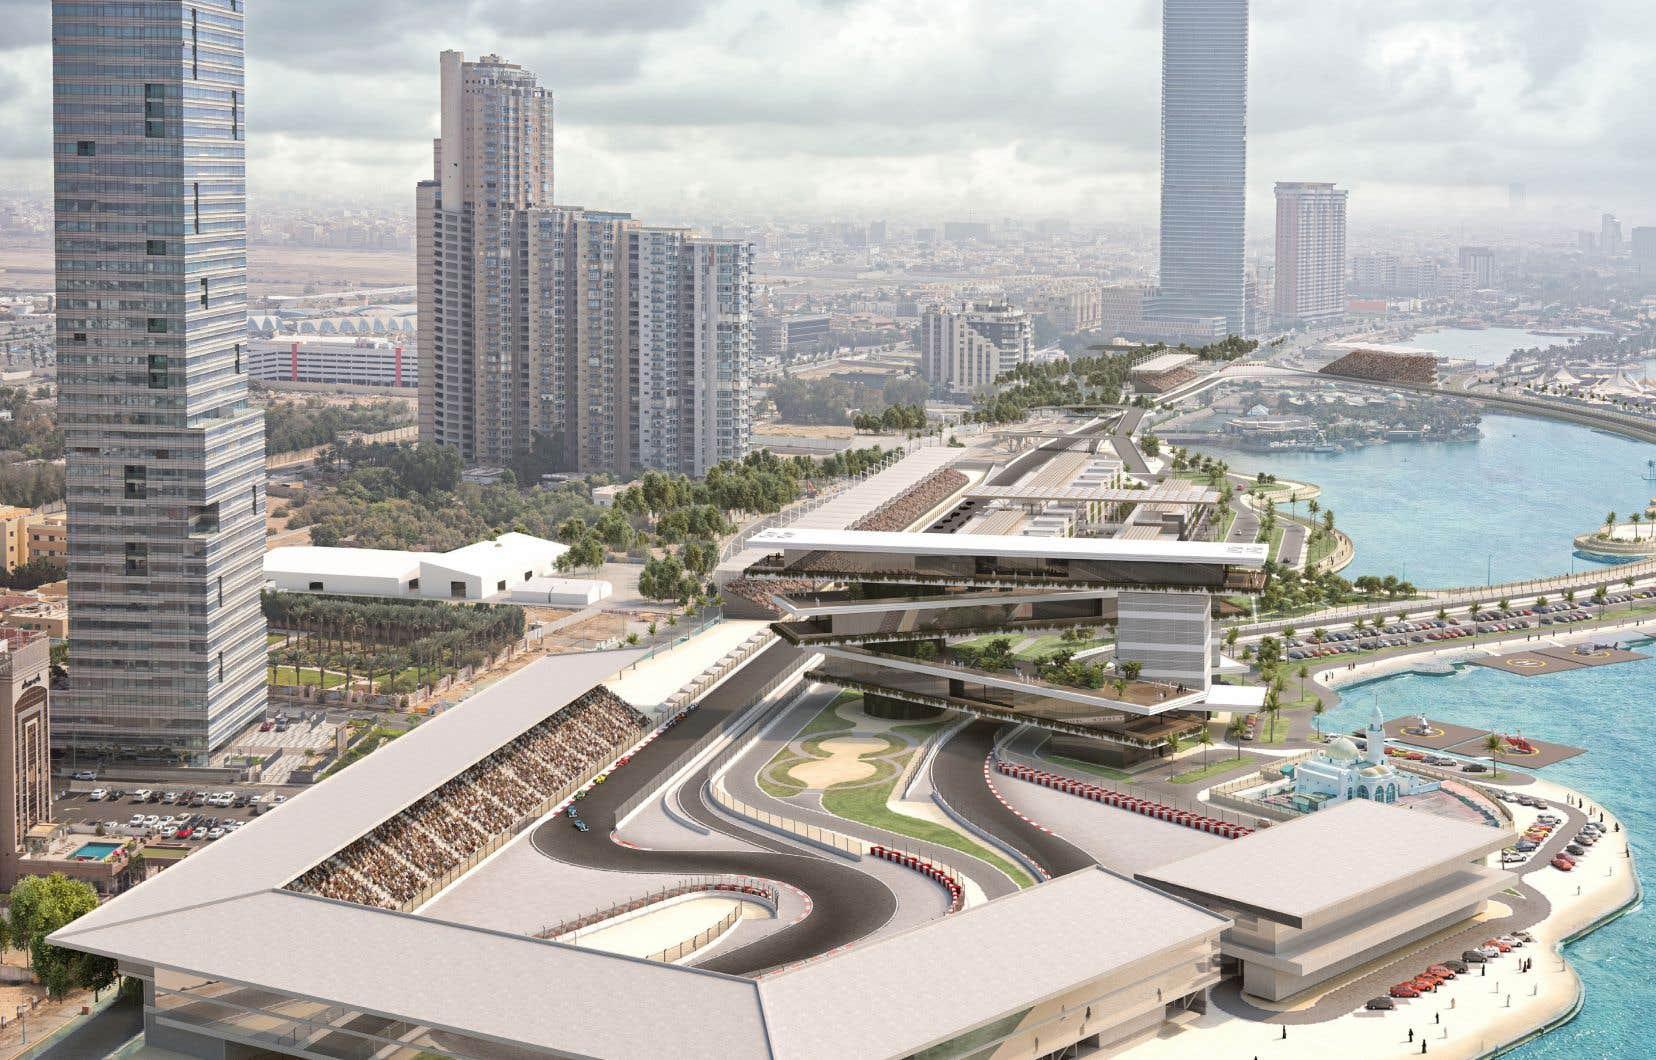 Une représentation artistique du circuit où se déroulera le premier Grand Prix de F1 d'Arabie saoudite